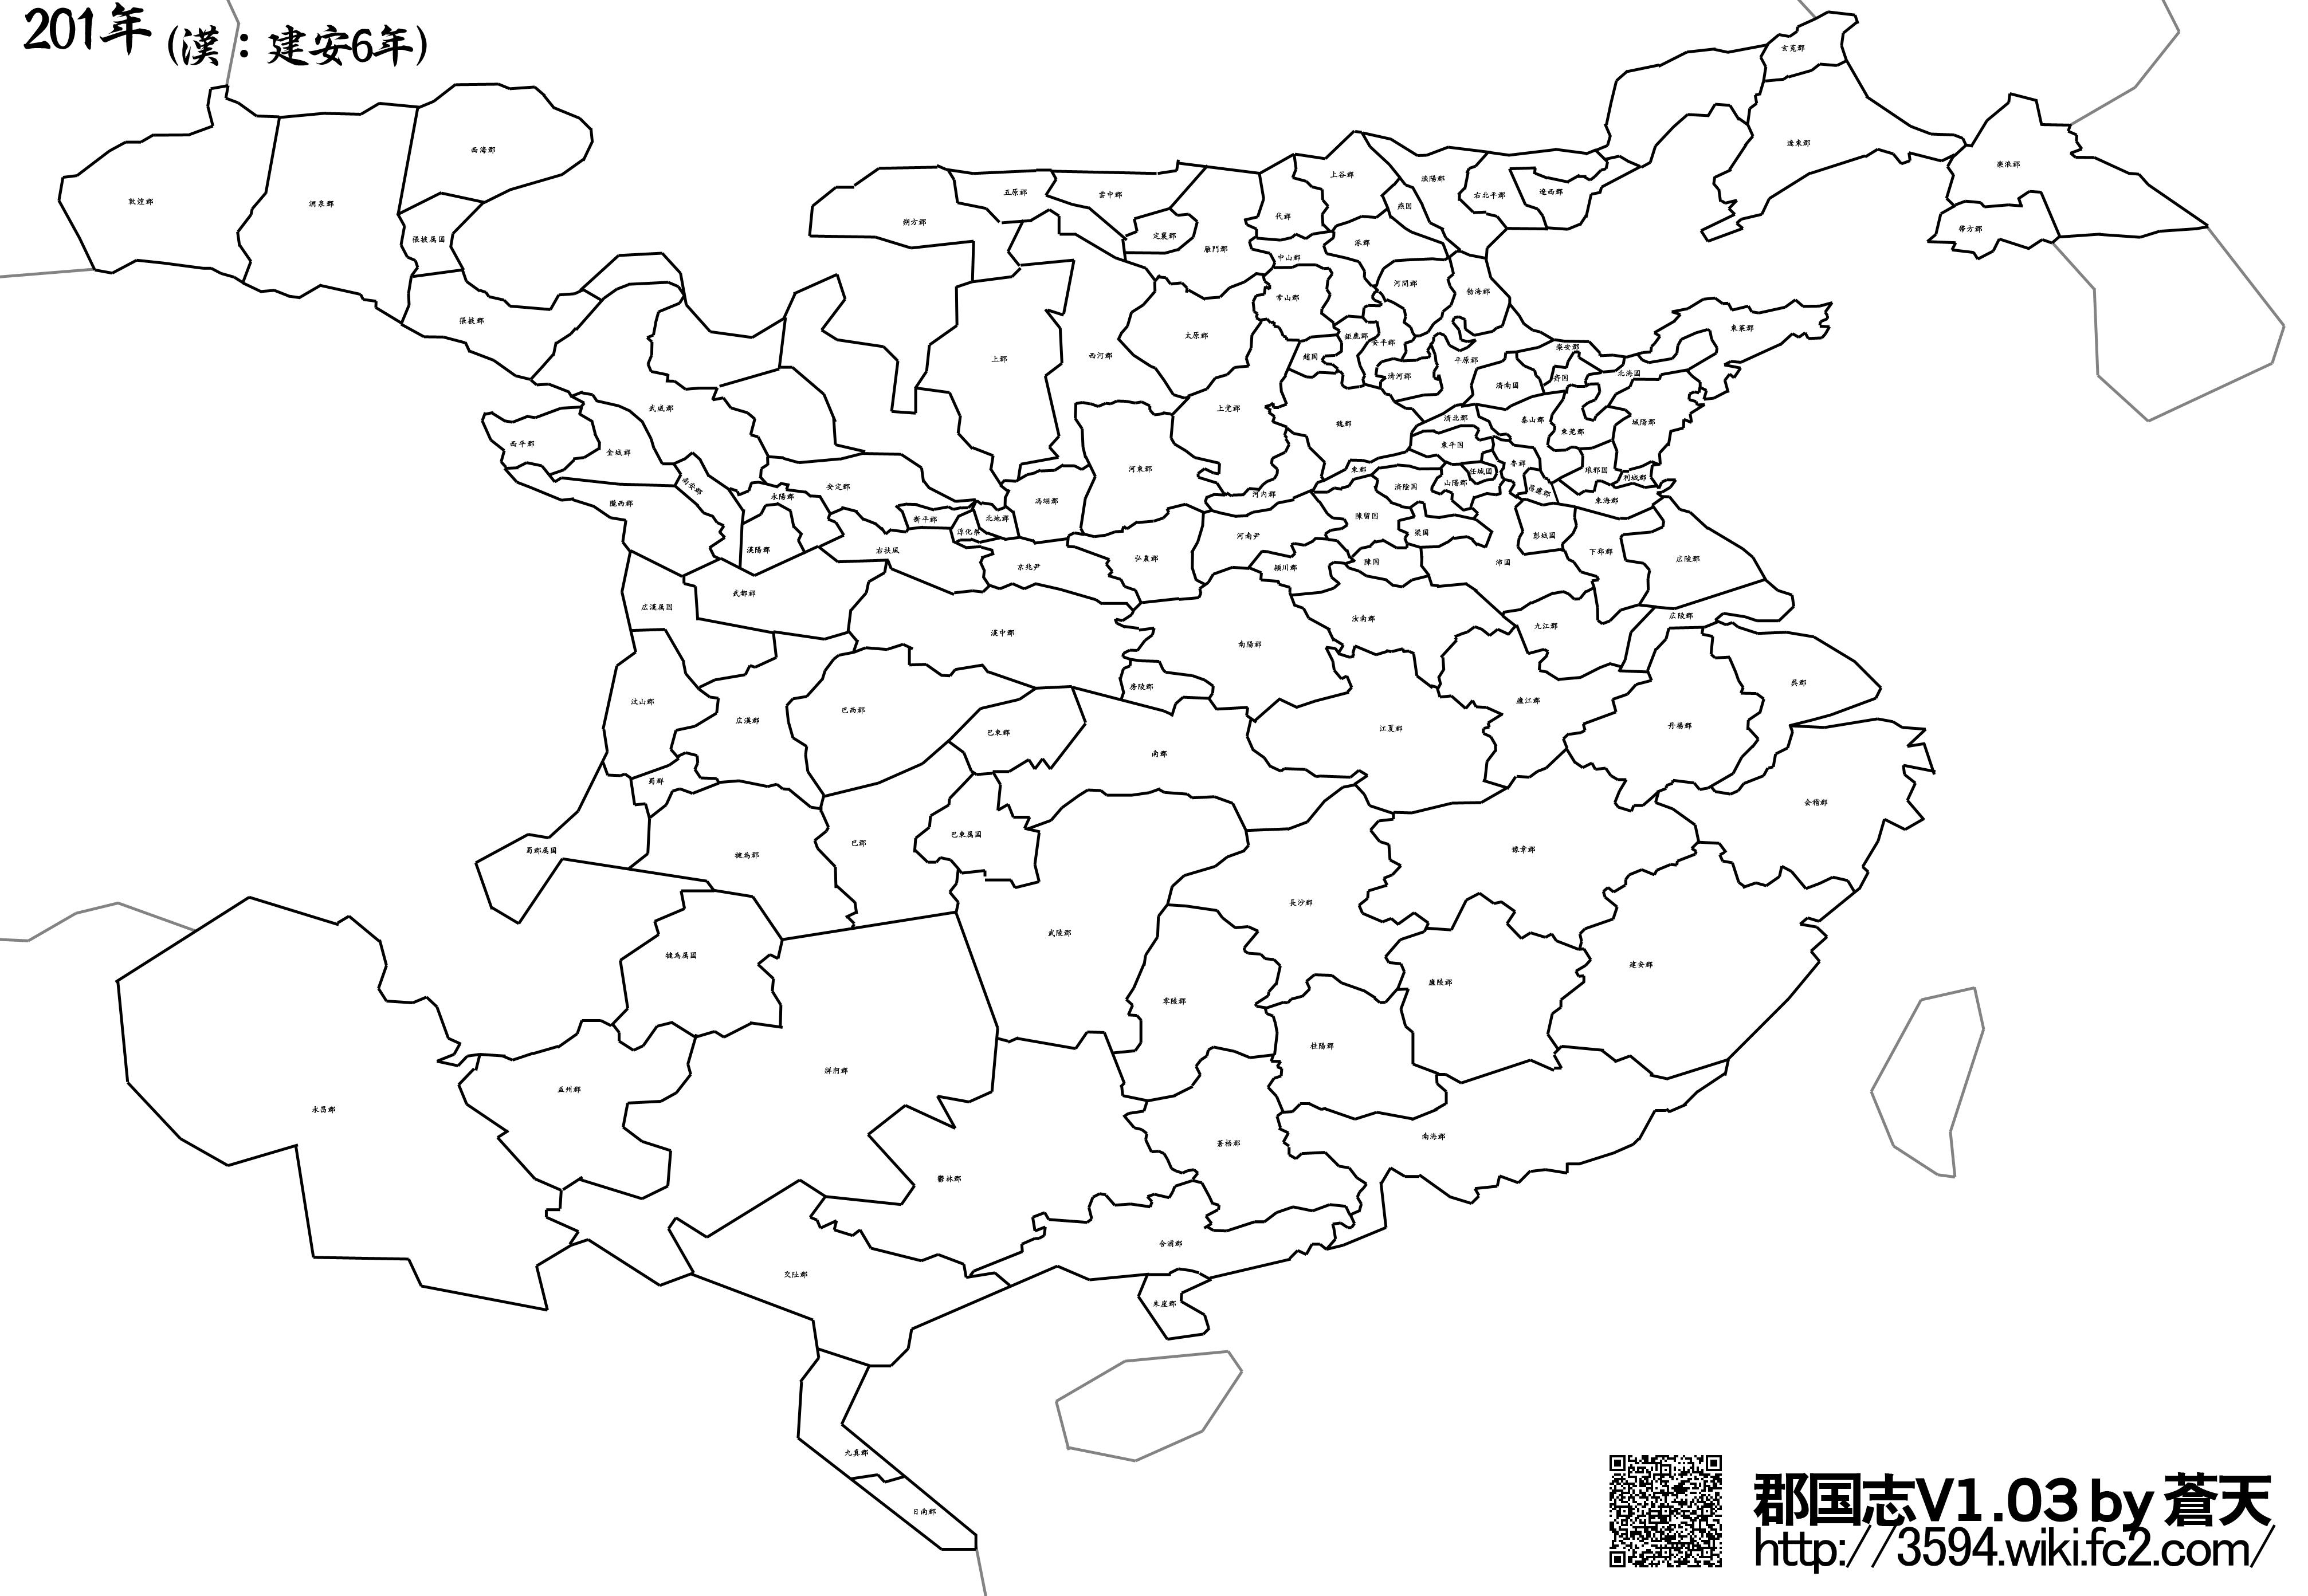 郡国志v103_201年